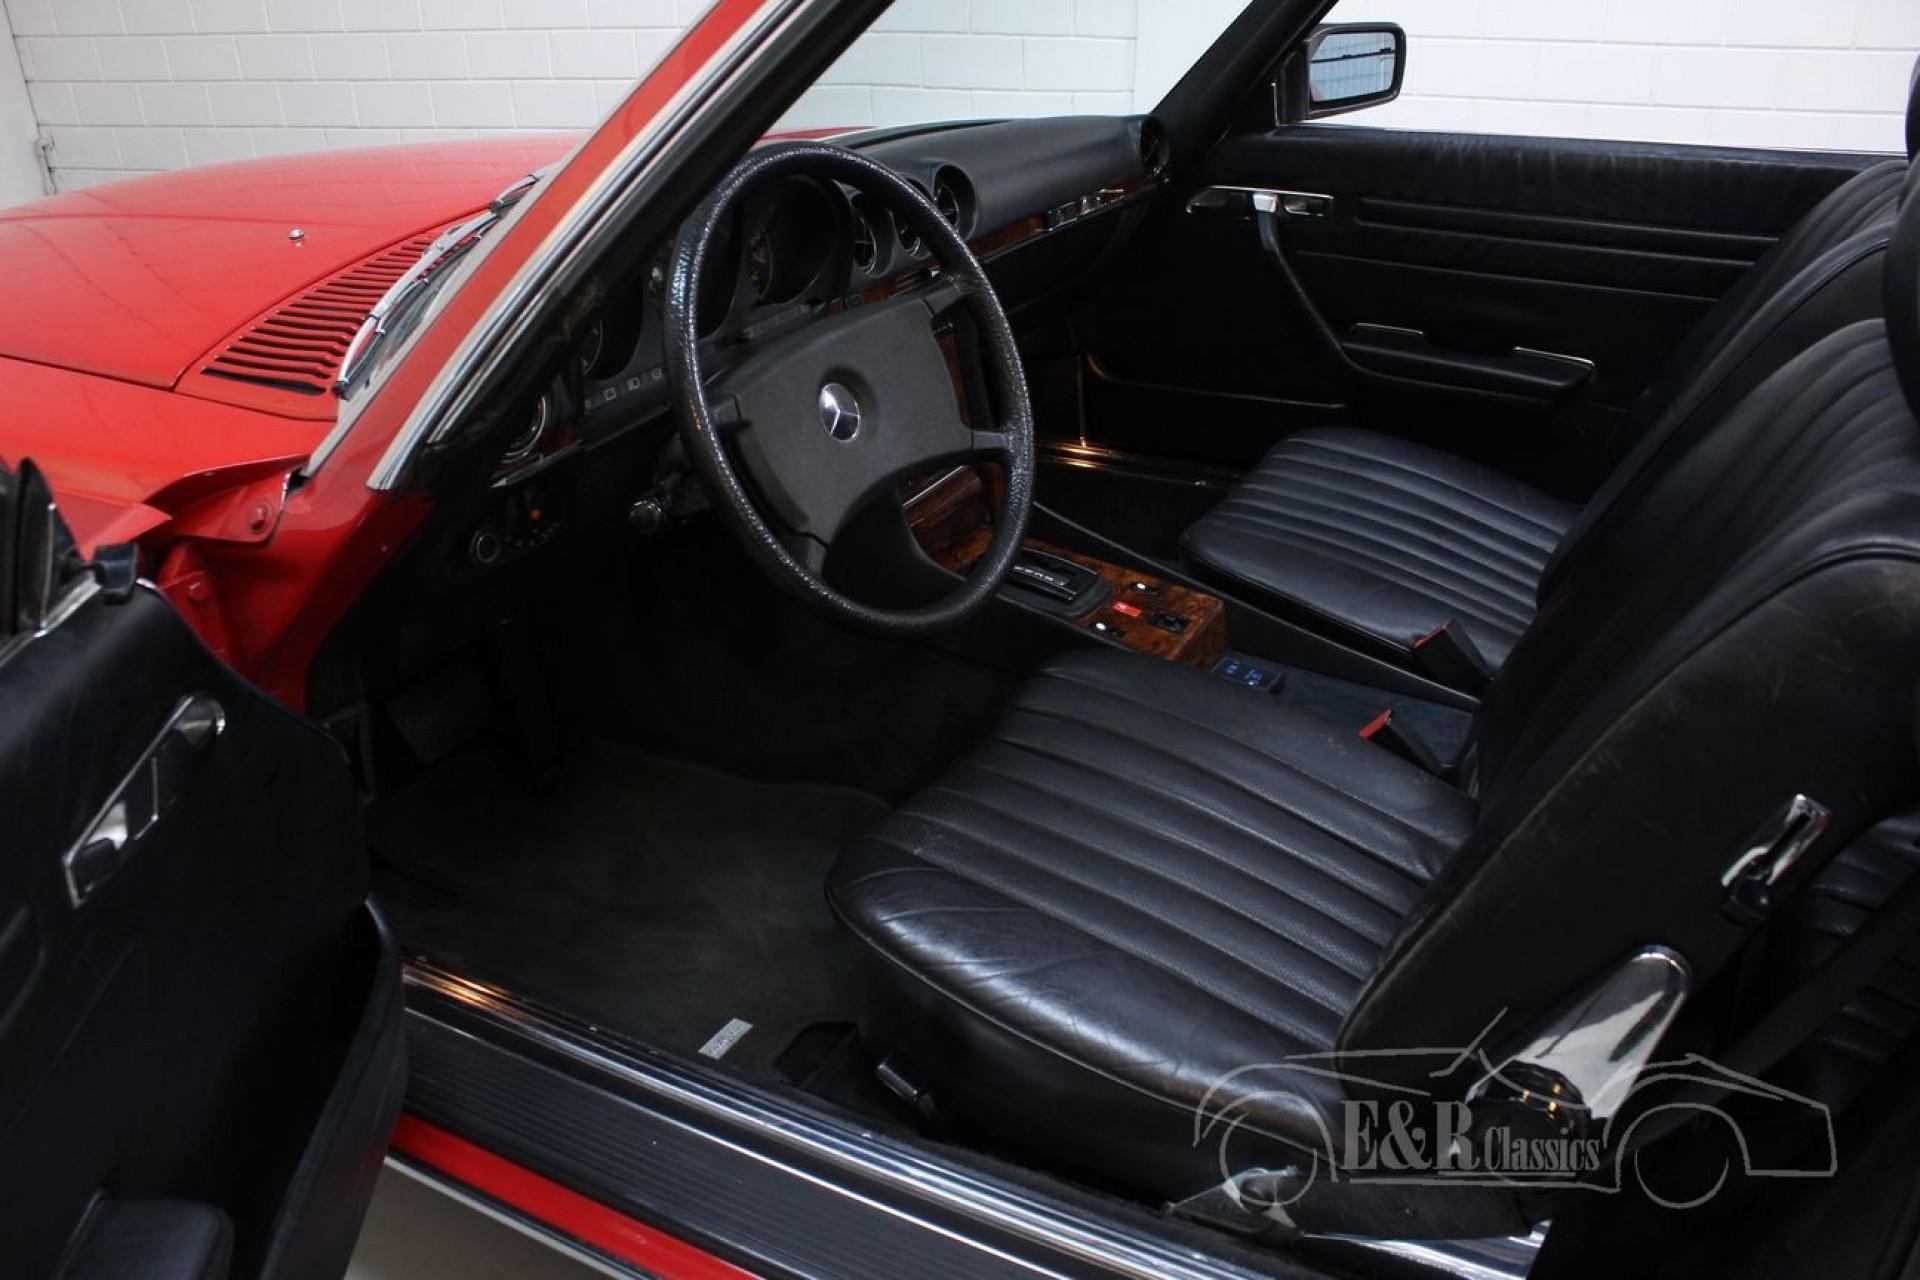 Mercedes-Benz 280SL 1985 for sale at ERclassics